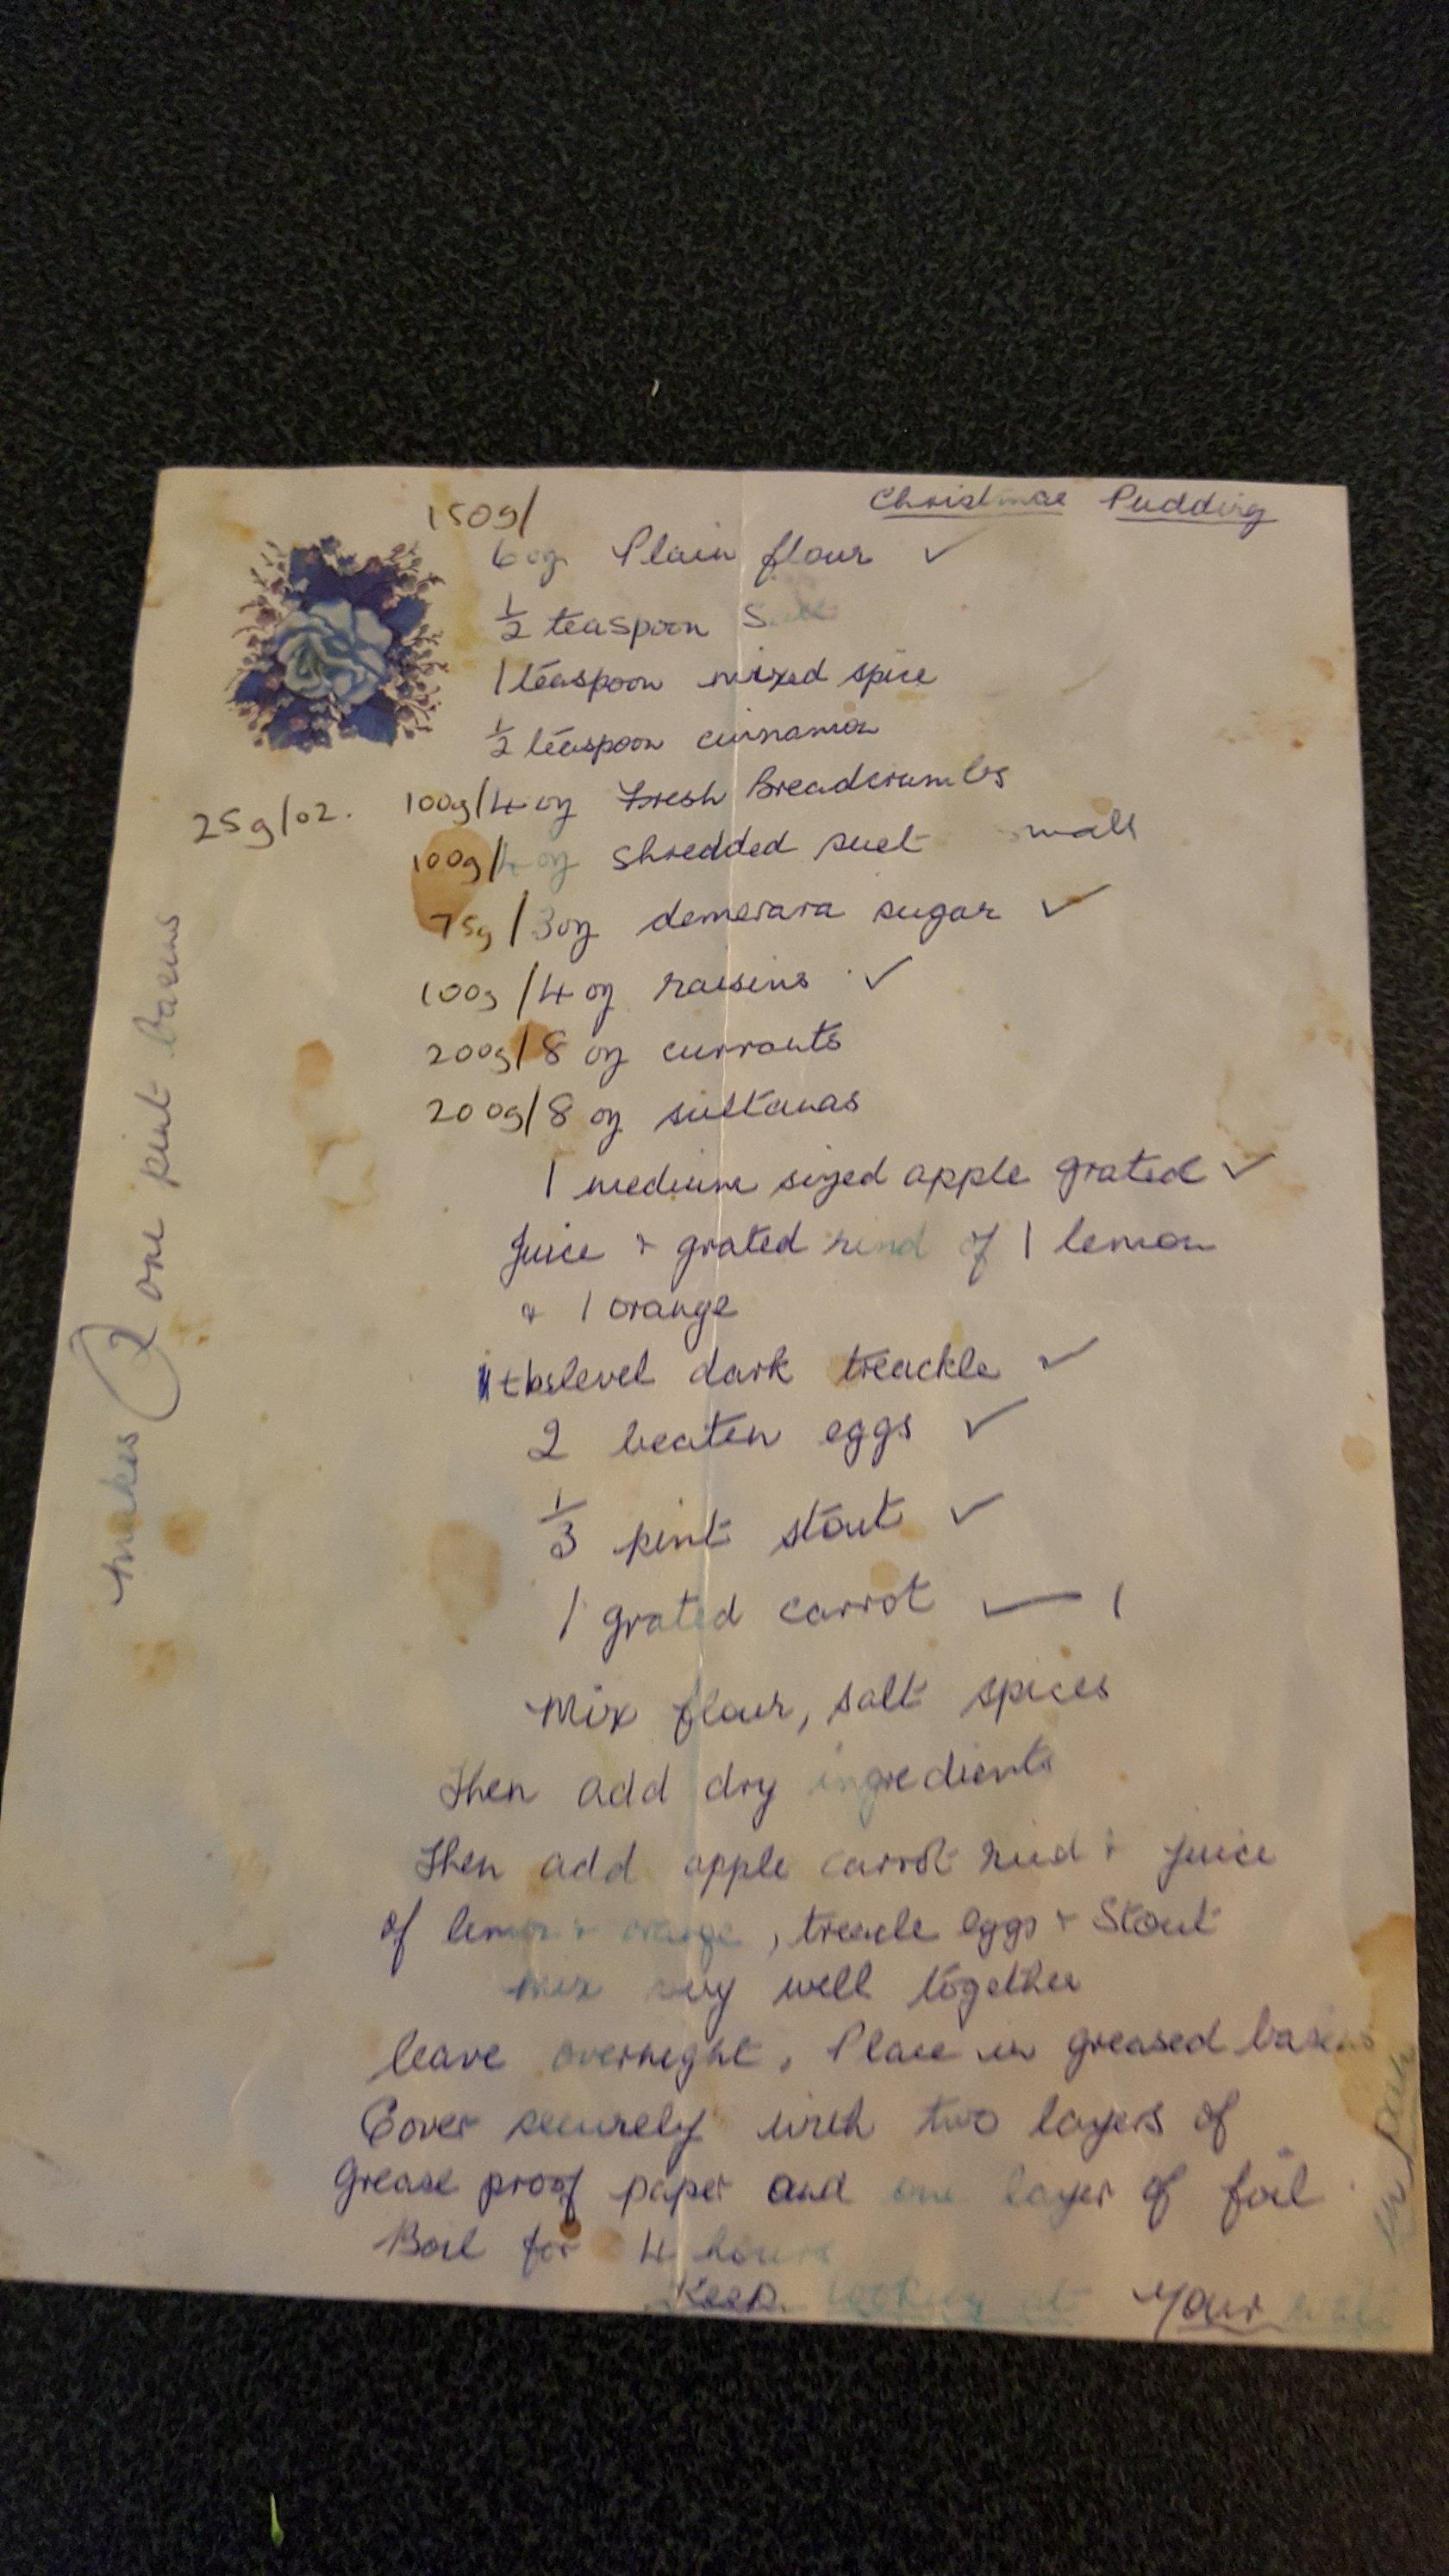 The K Clan Xmas Pud recipe